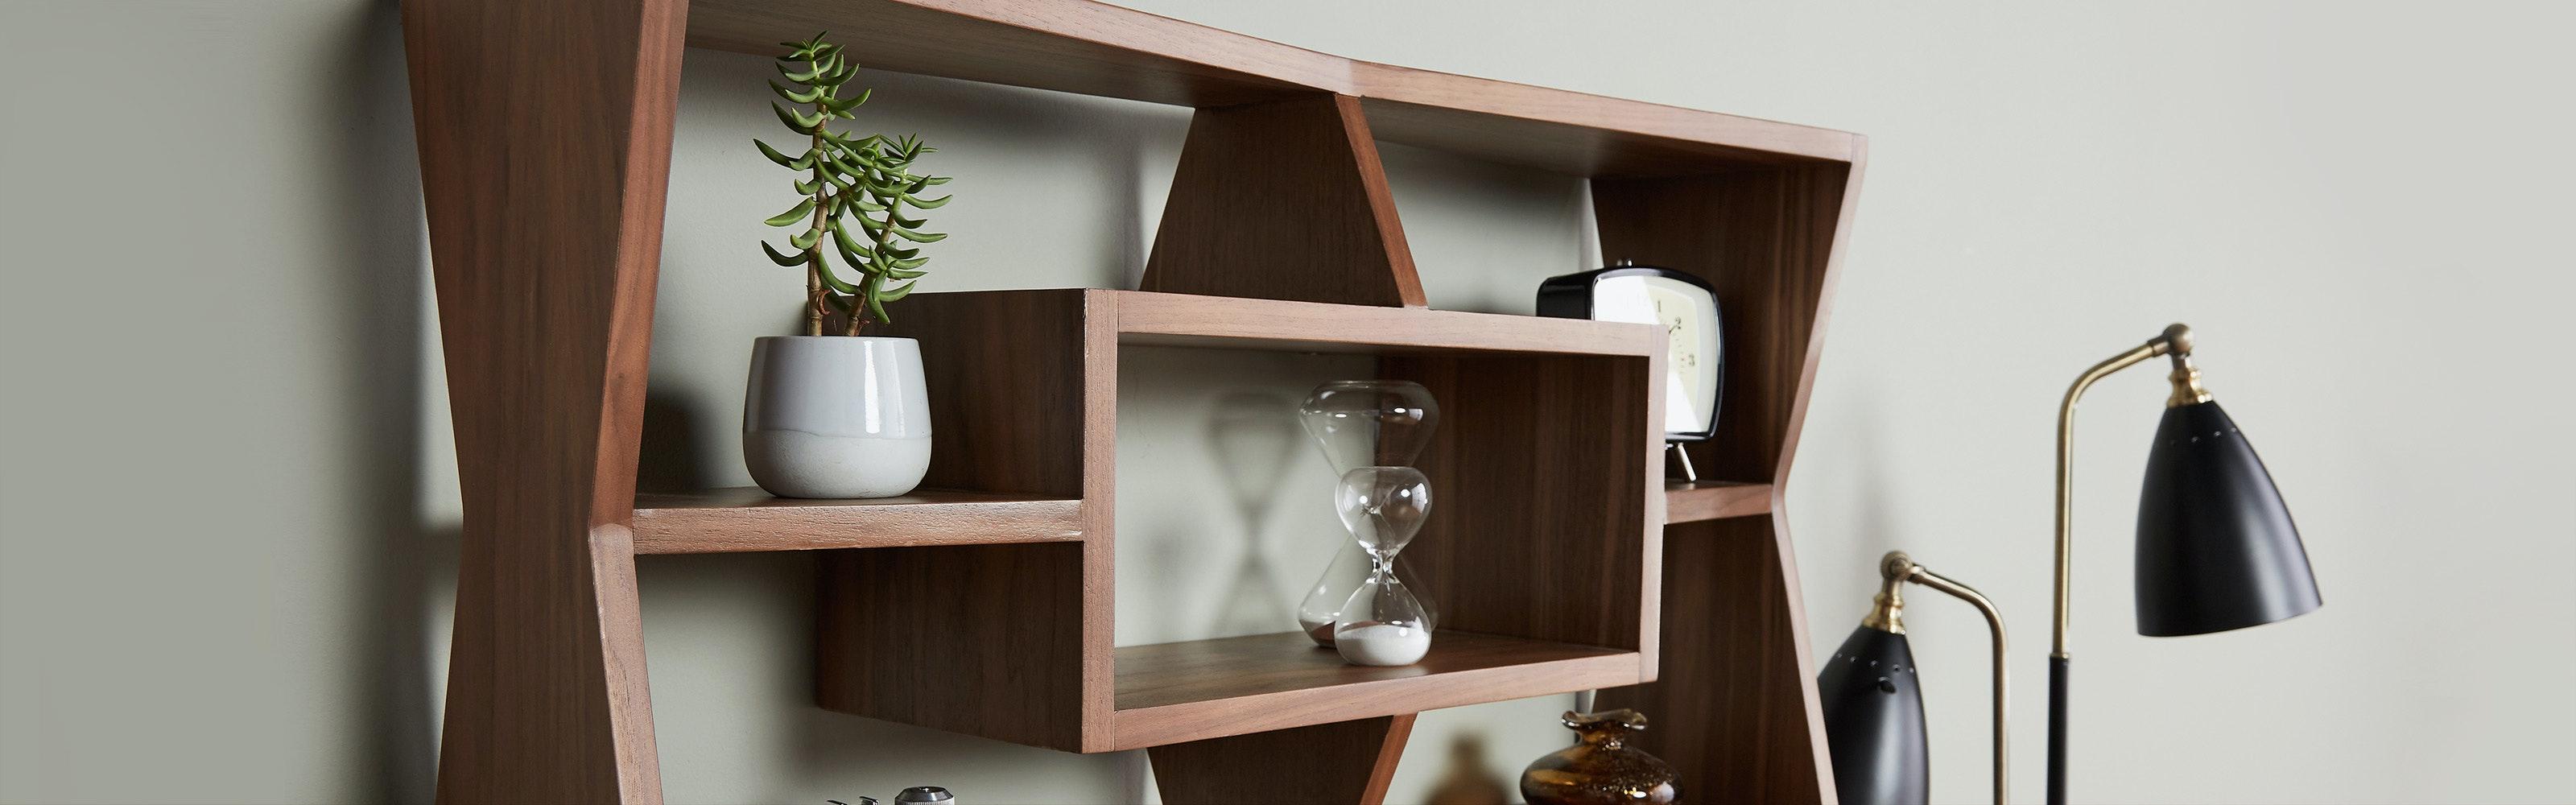 Bookcases & Bookshelves - Modern & Mid Century Wall Units | Joybird